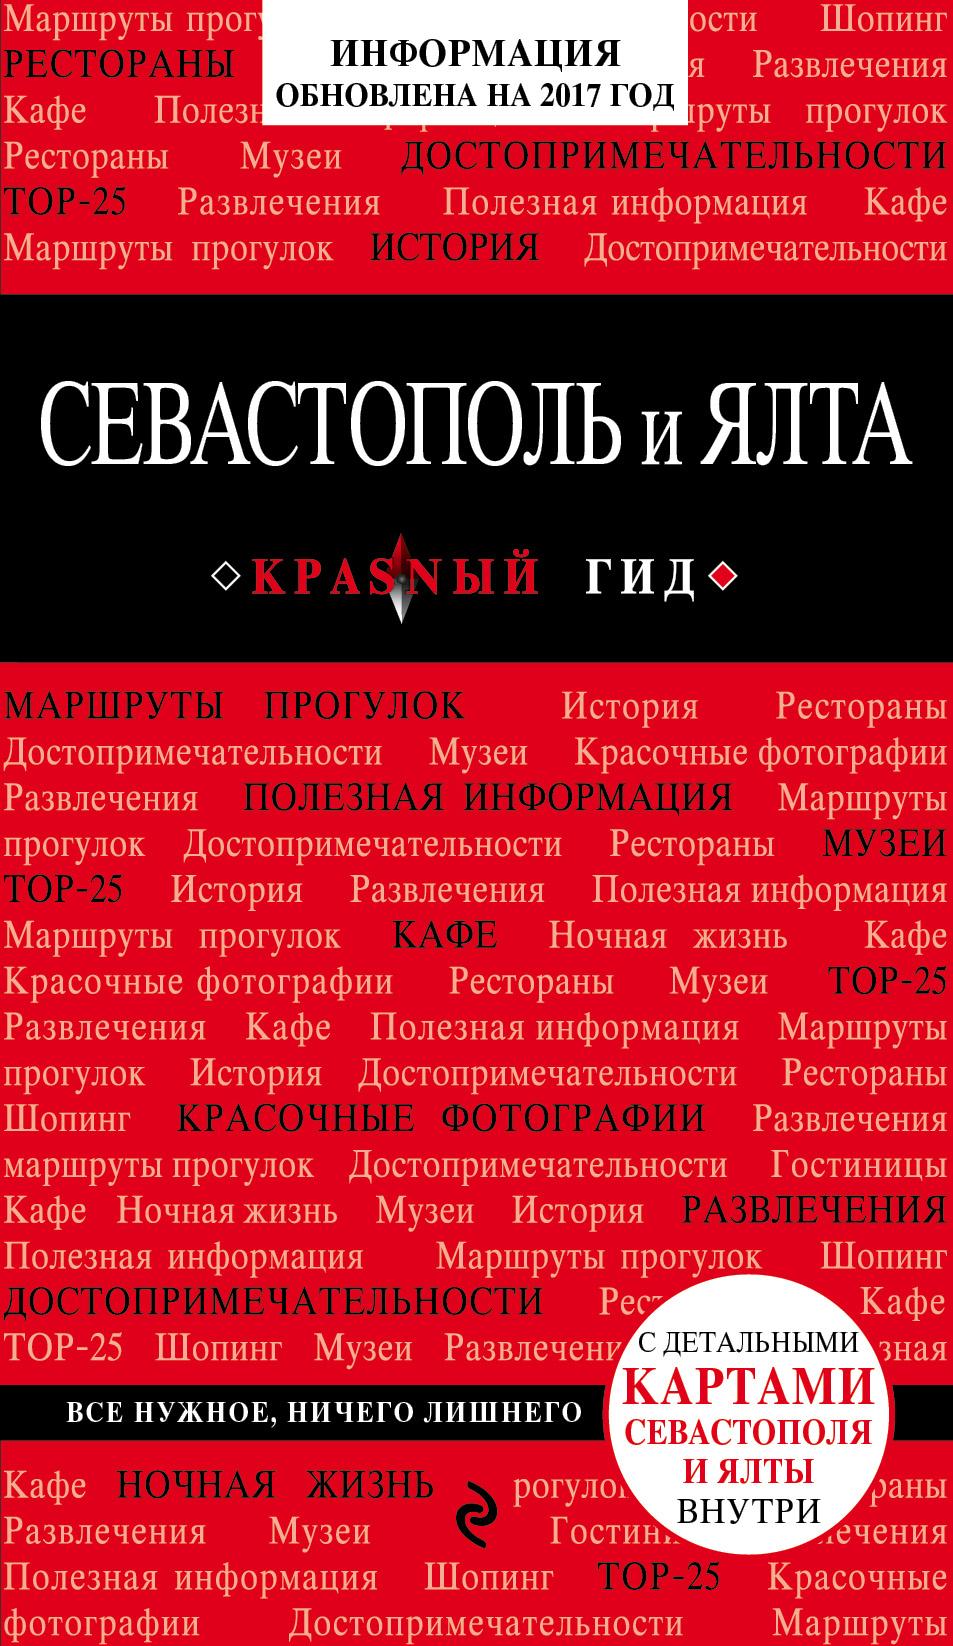 Кульков Дмитрий Евгеньевич Севастополь и Ялта кульков д е севастополь и ялта 2 е изд